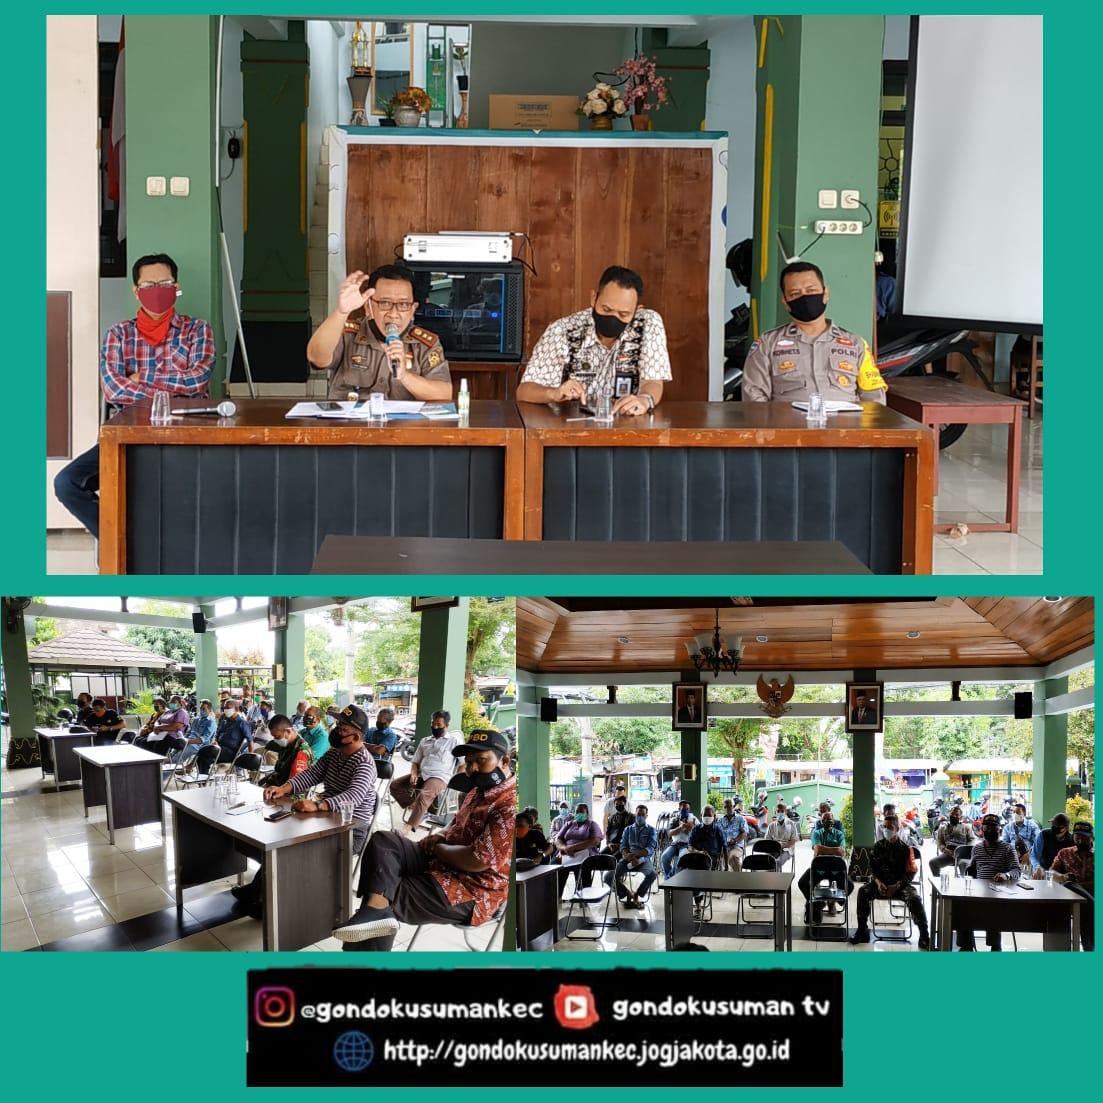 Pertemuan Disiplin Protokol Kesehatan Pencegahan Penularan Covid-19